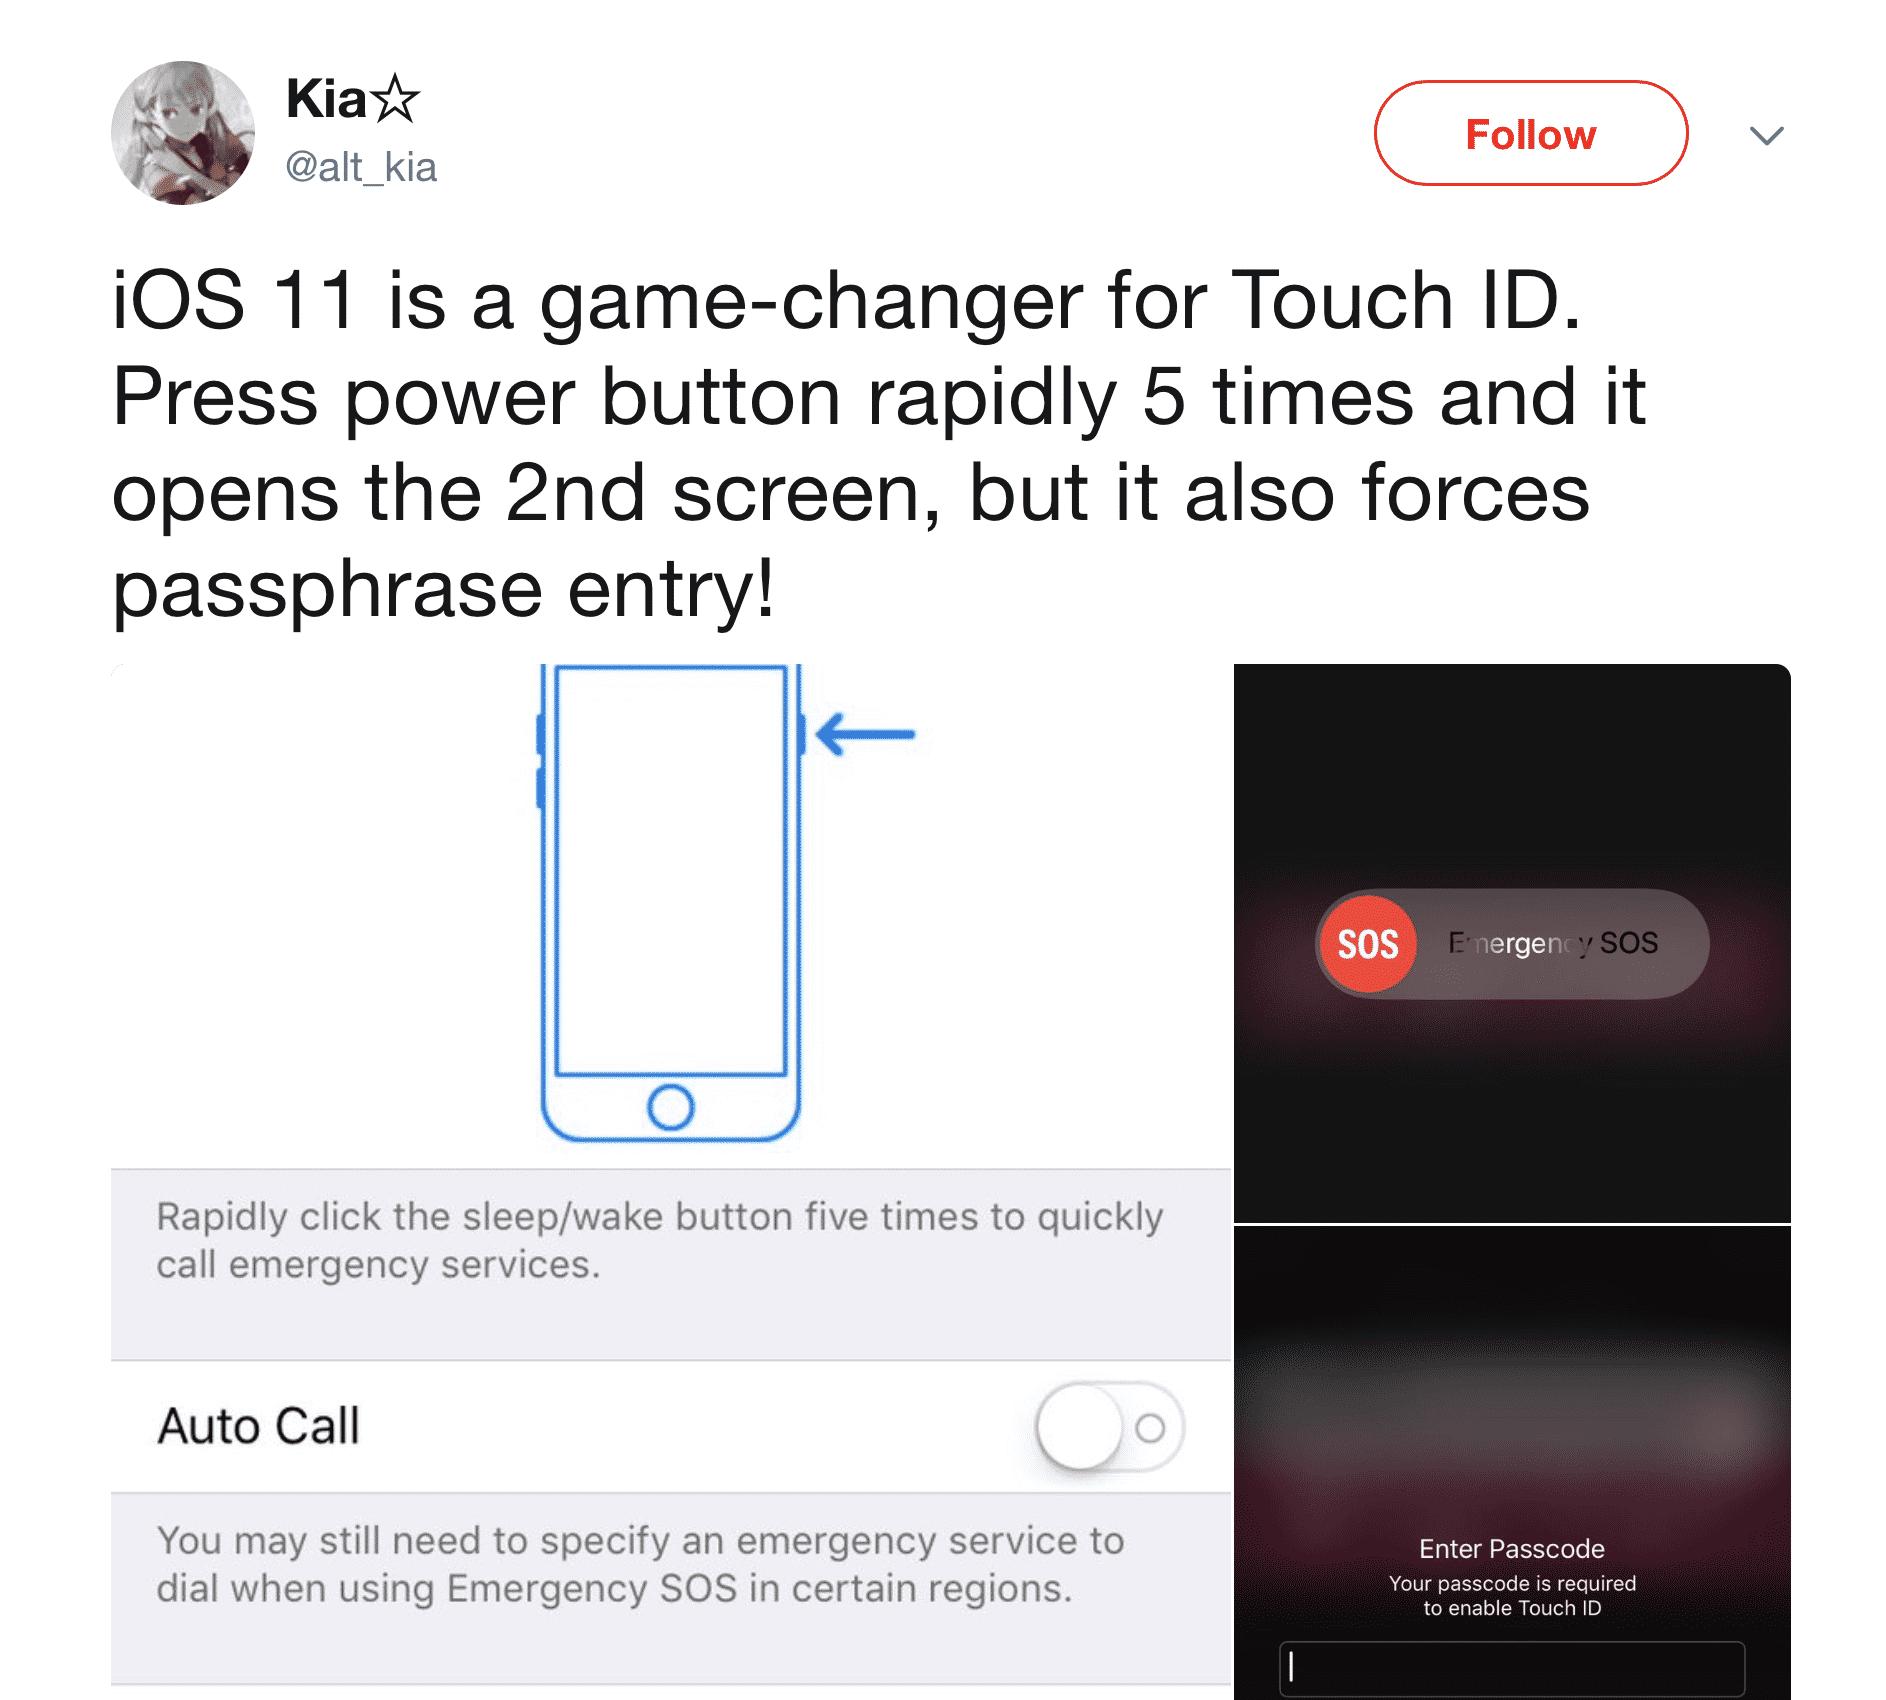 Gegen Datenerfassung bei Polizeikontrollen: iOS 11 soll schnellen iPhone-Zugriff verhindern